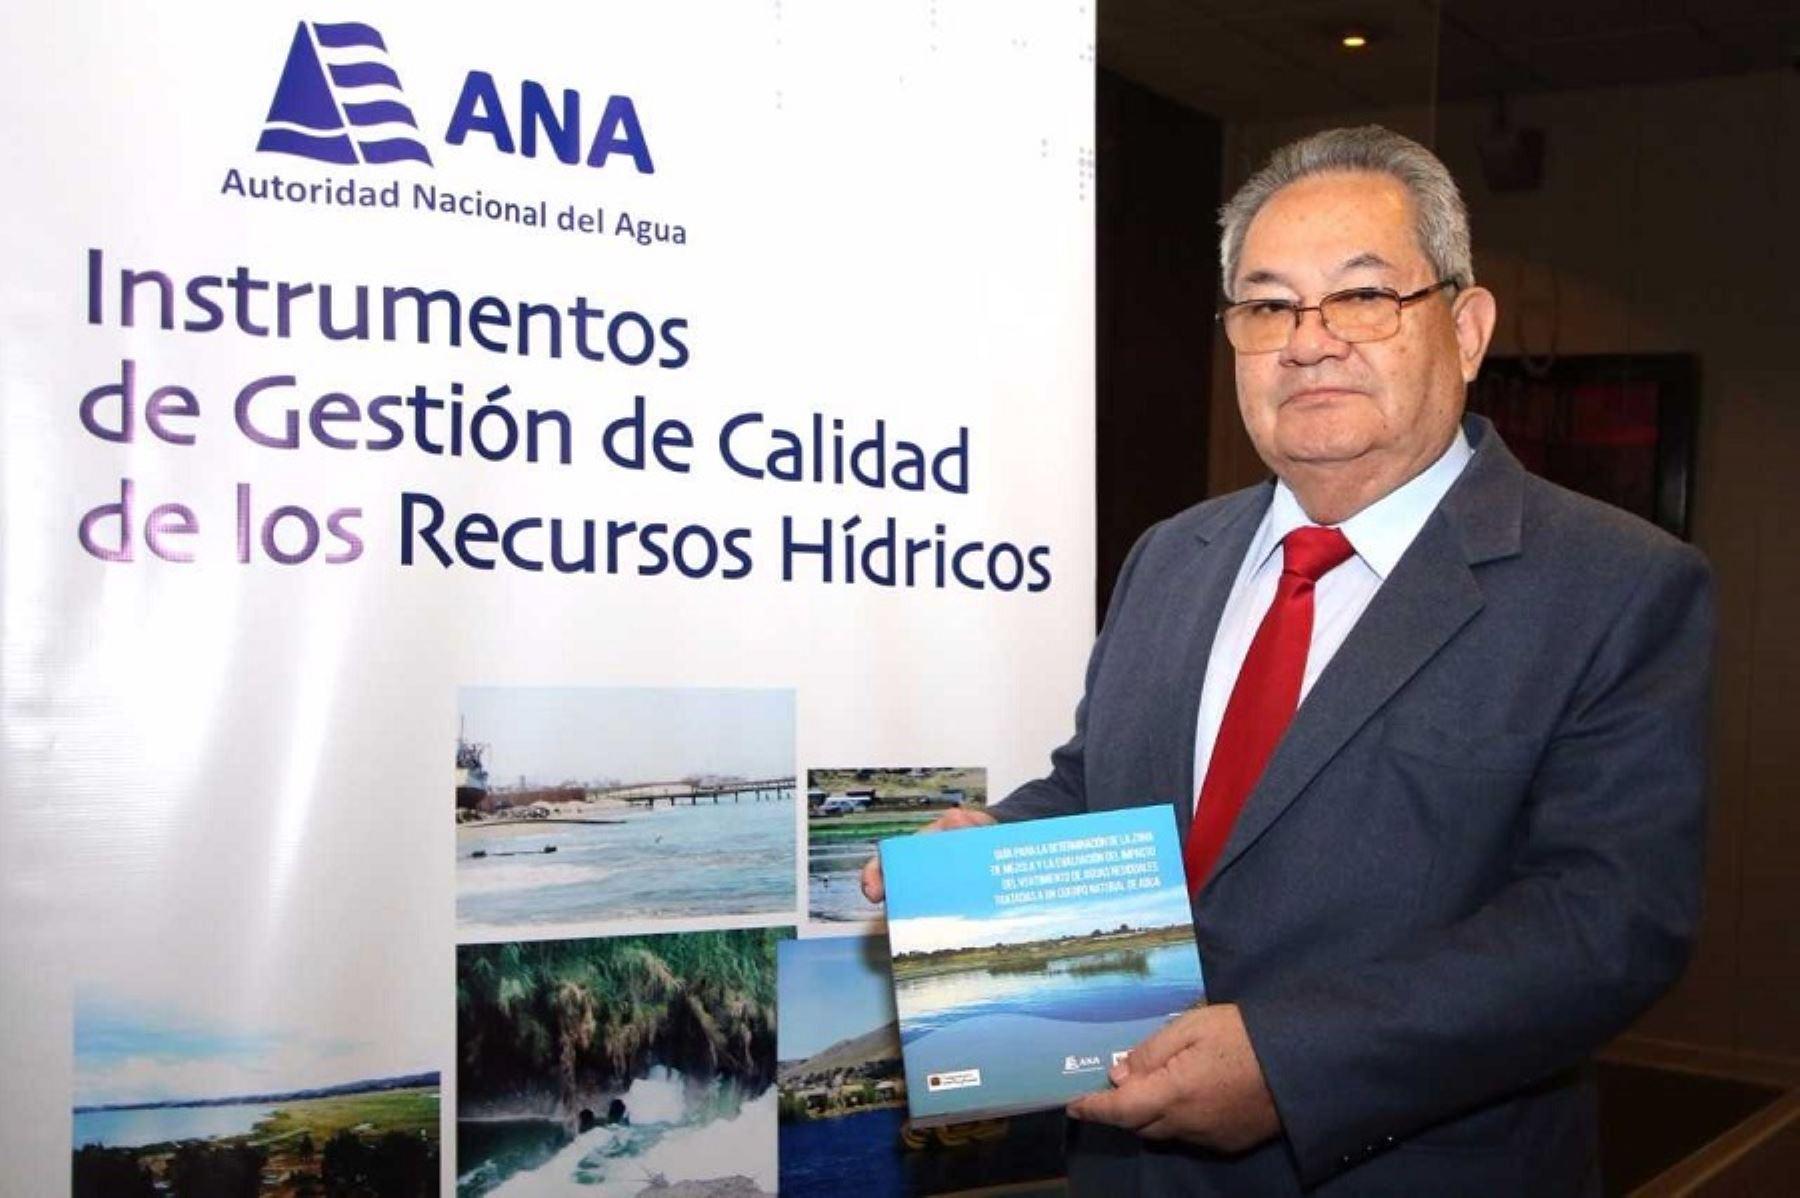 Jefe de la Autoridad Nacional del Agua, Abelardo De la Torre, presenta nuevas herramientas para evaluar recursos hídricos.